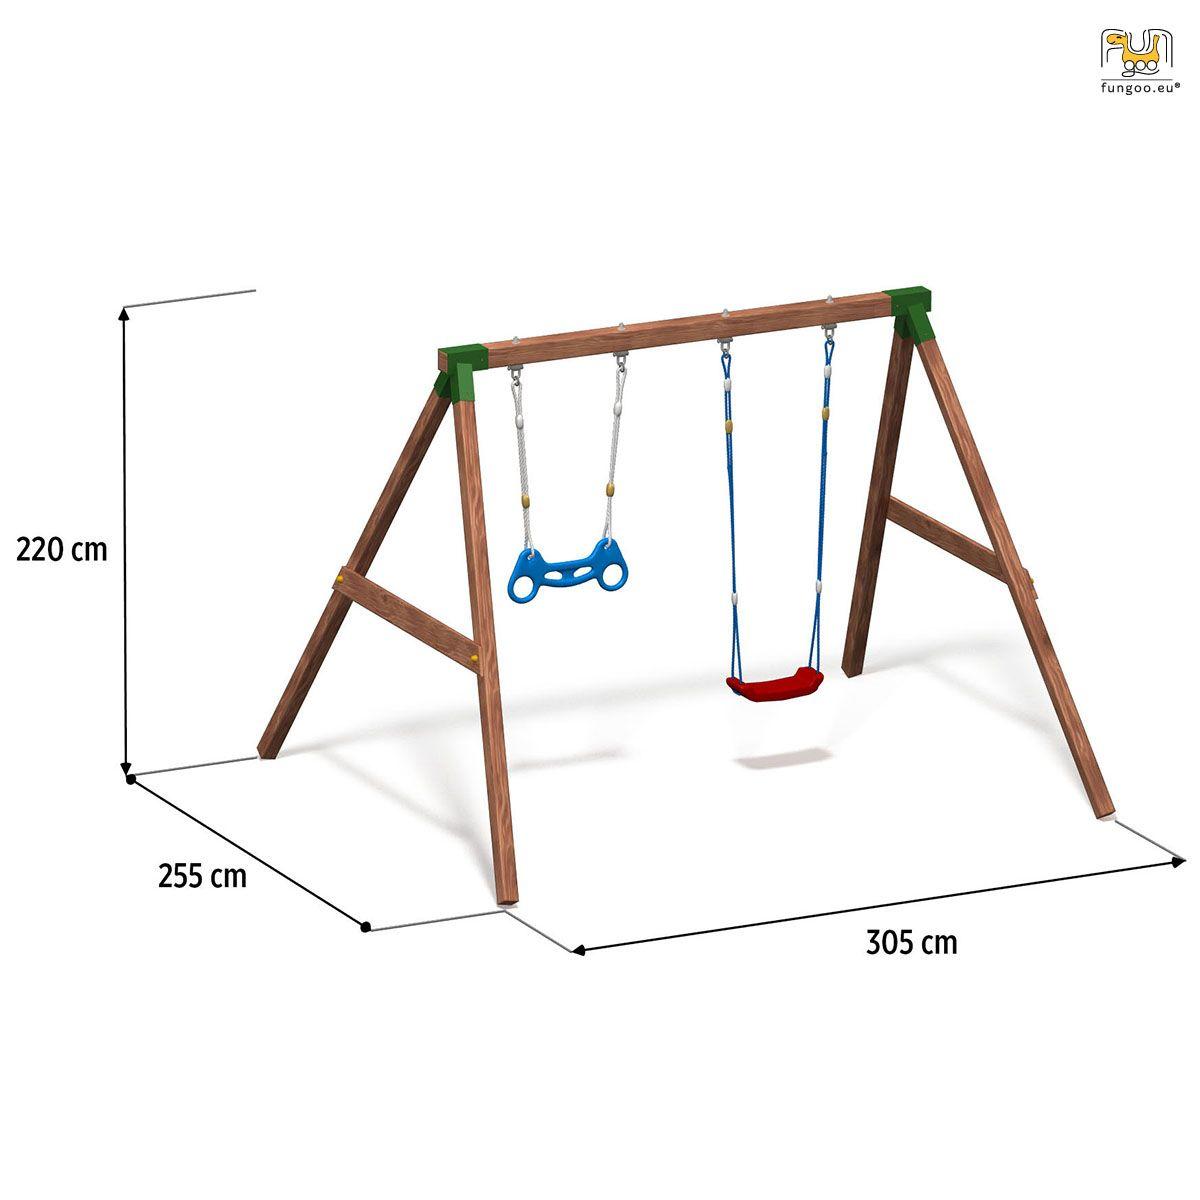 Fotel Wiszacy Hustawka Hamak Bujak Kosz Ogrodowy 4369050383 Oficjalne Archiwum Allegro Hanging Chair Decor Home Decor